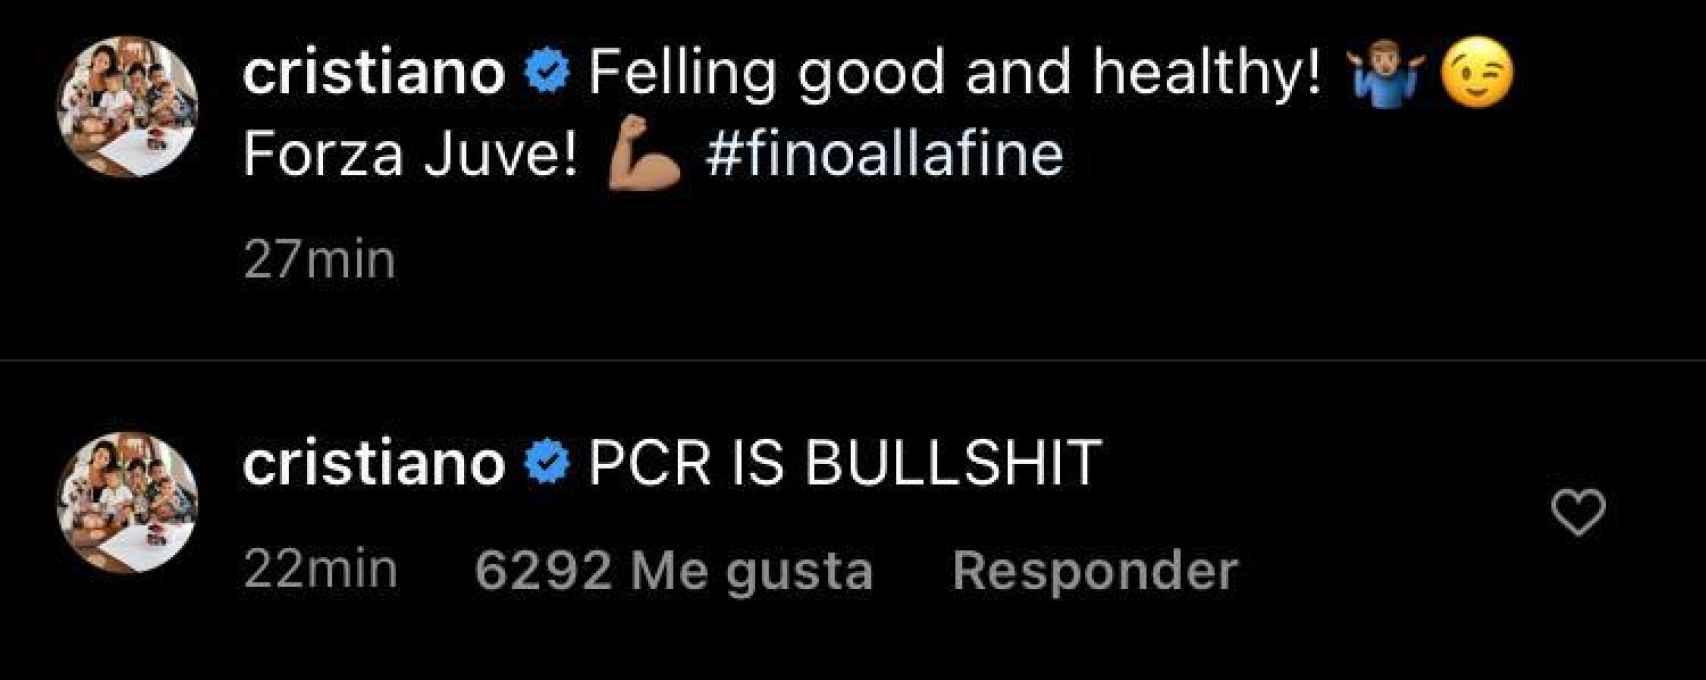 El mensaje de Cristiano Ronaldo